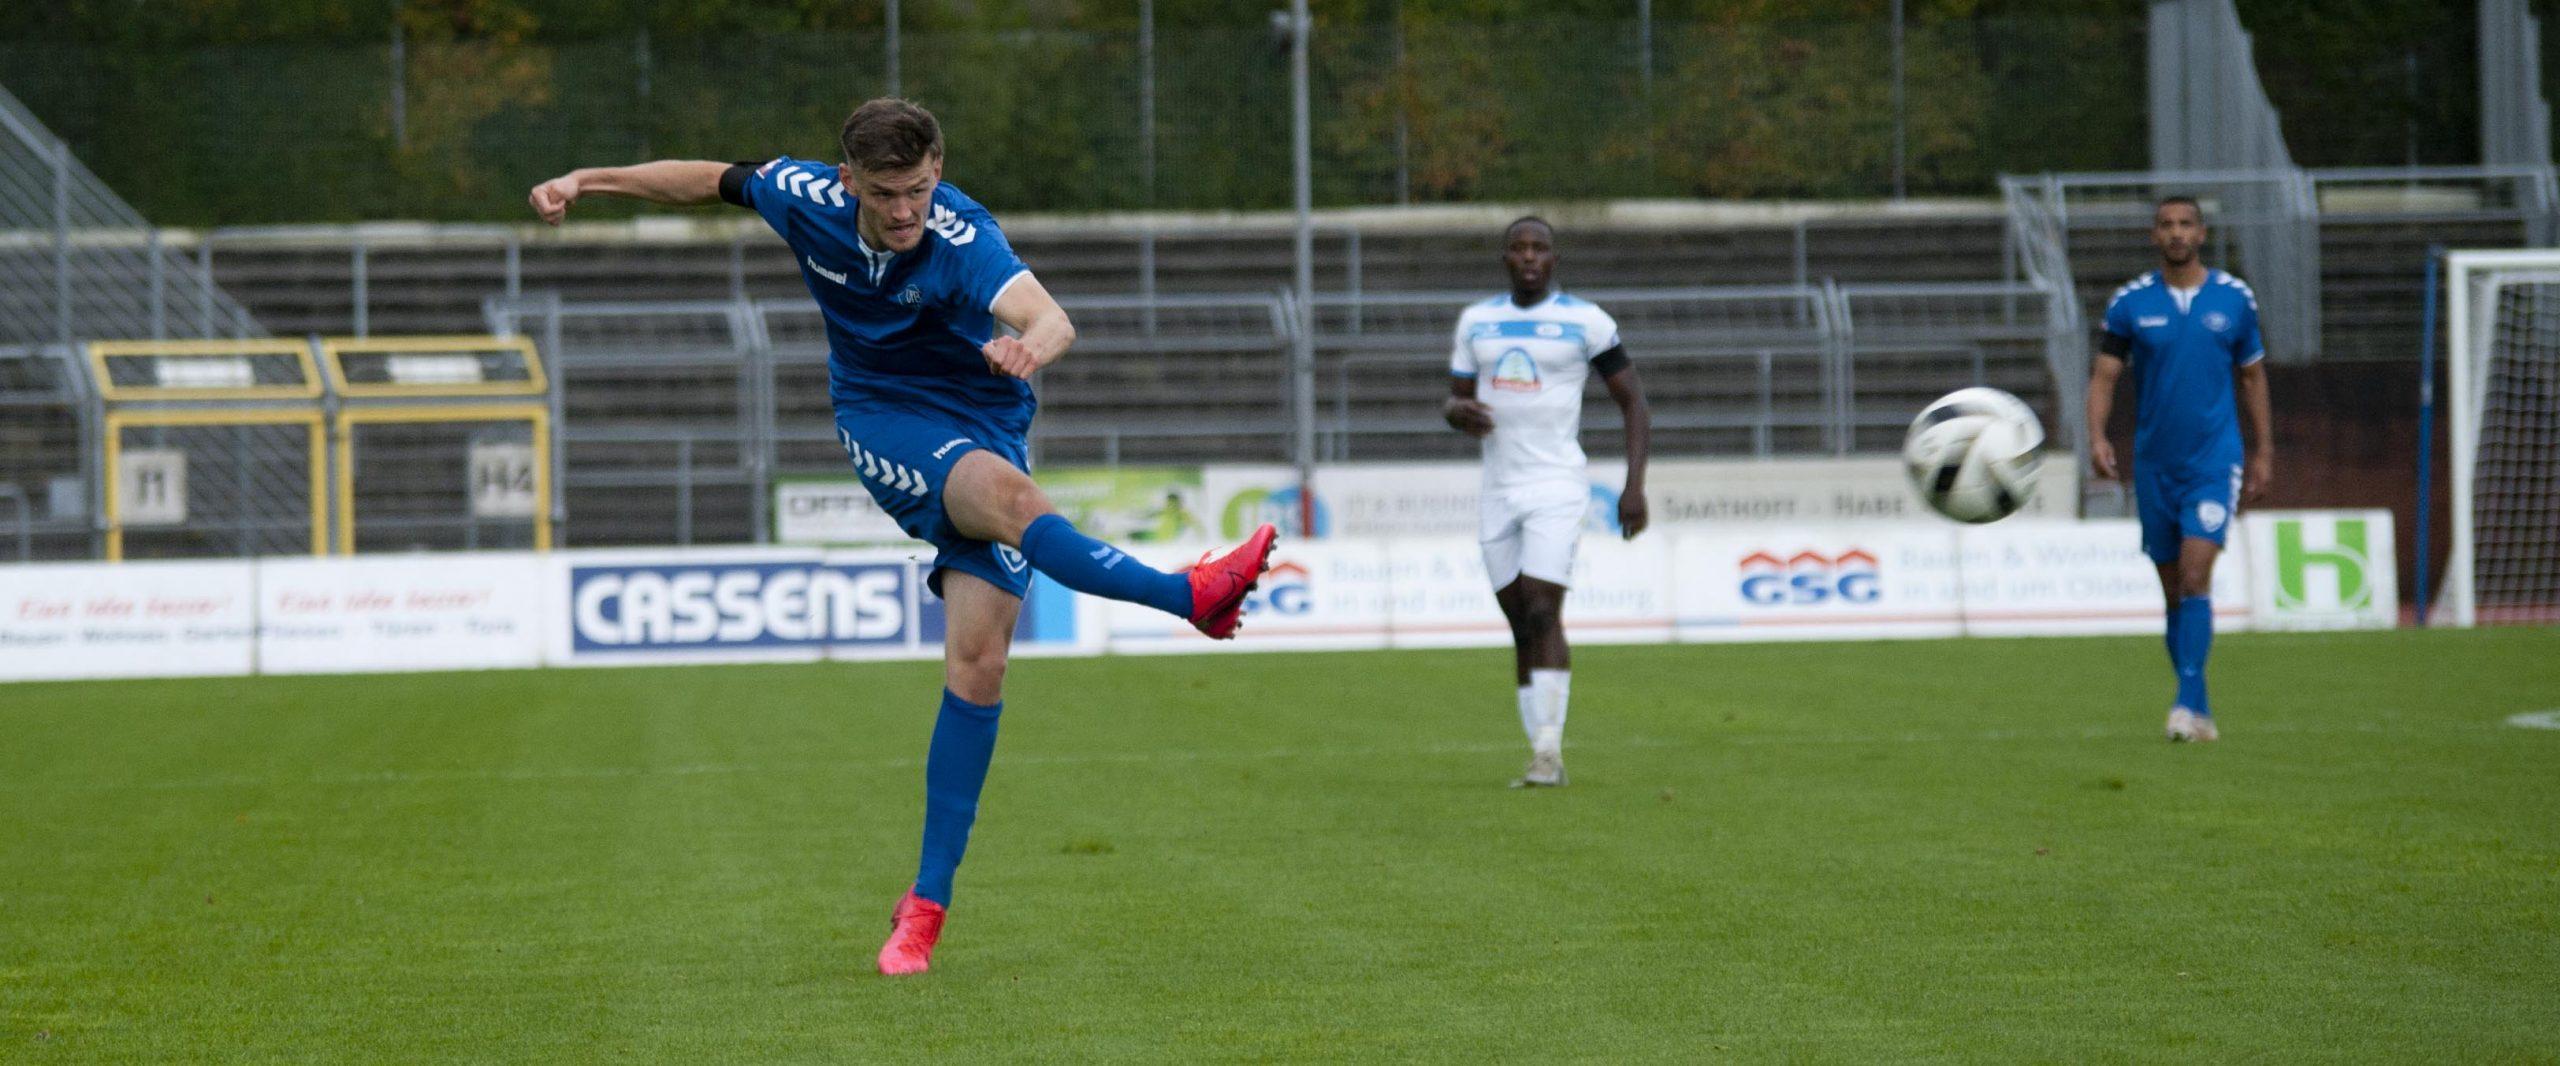 VfB geht als Favorit ins Spiel